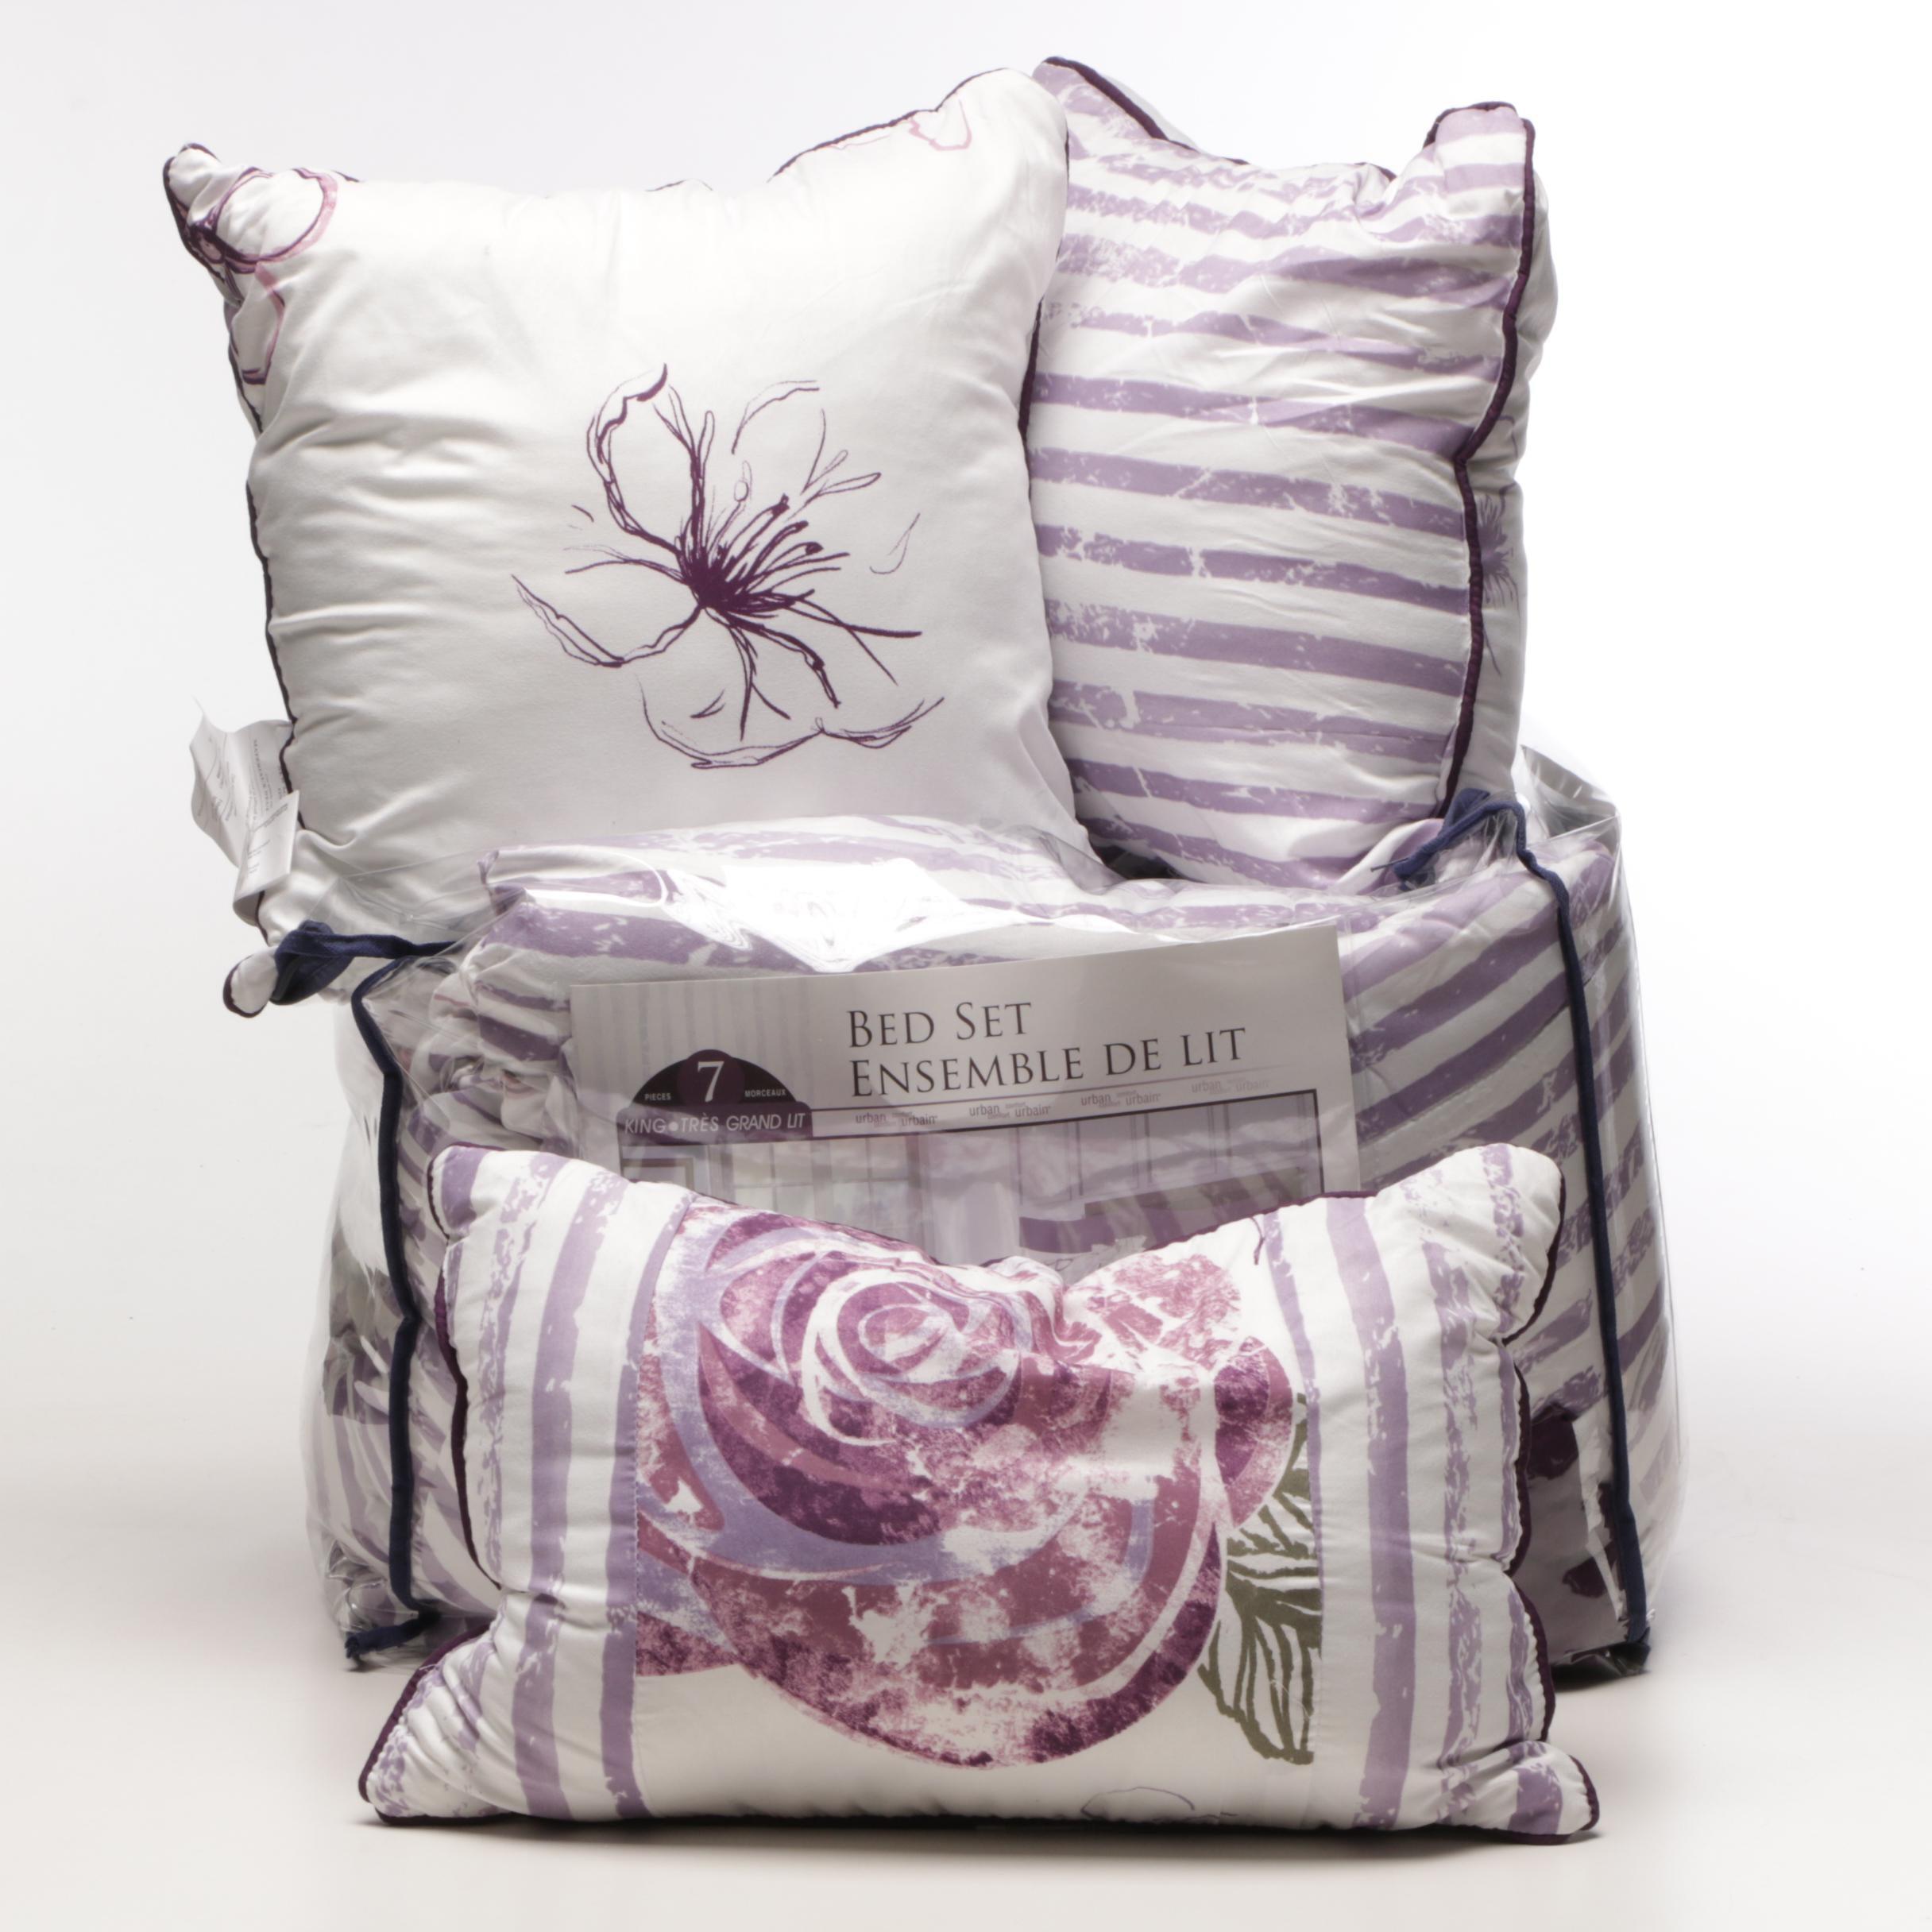 King Size Urban Comfort Reversible Bed Set